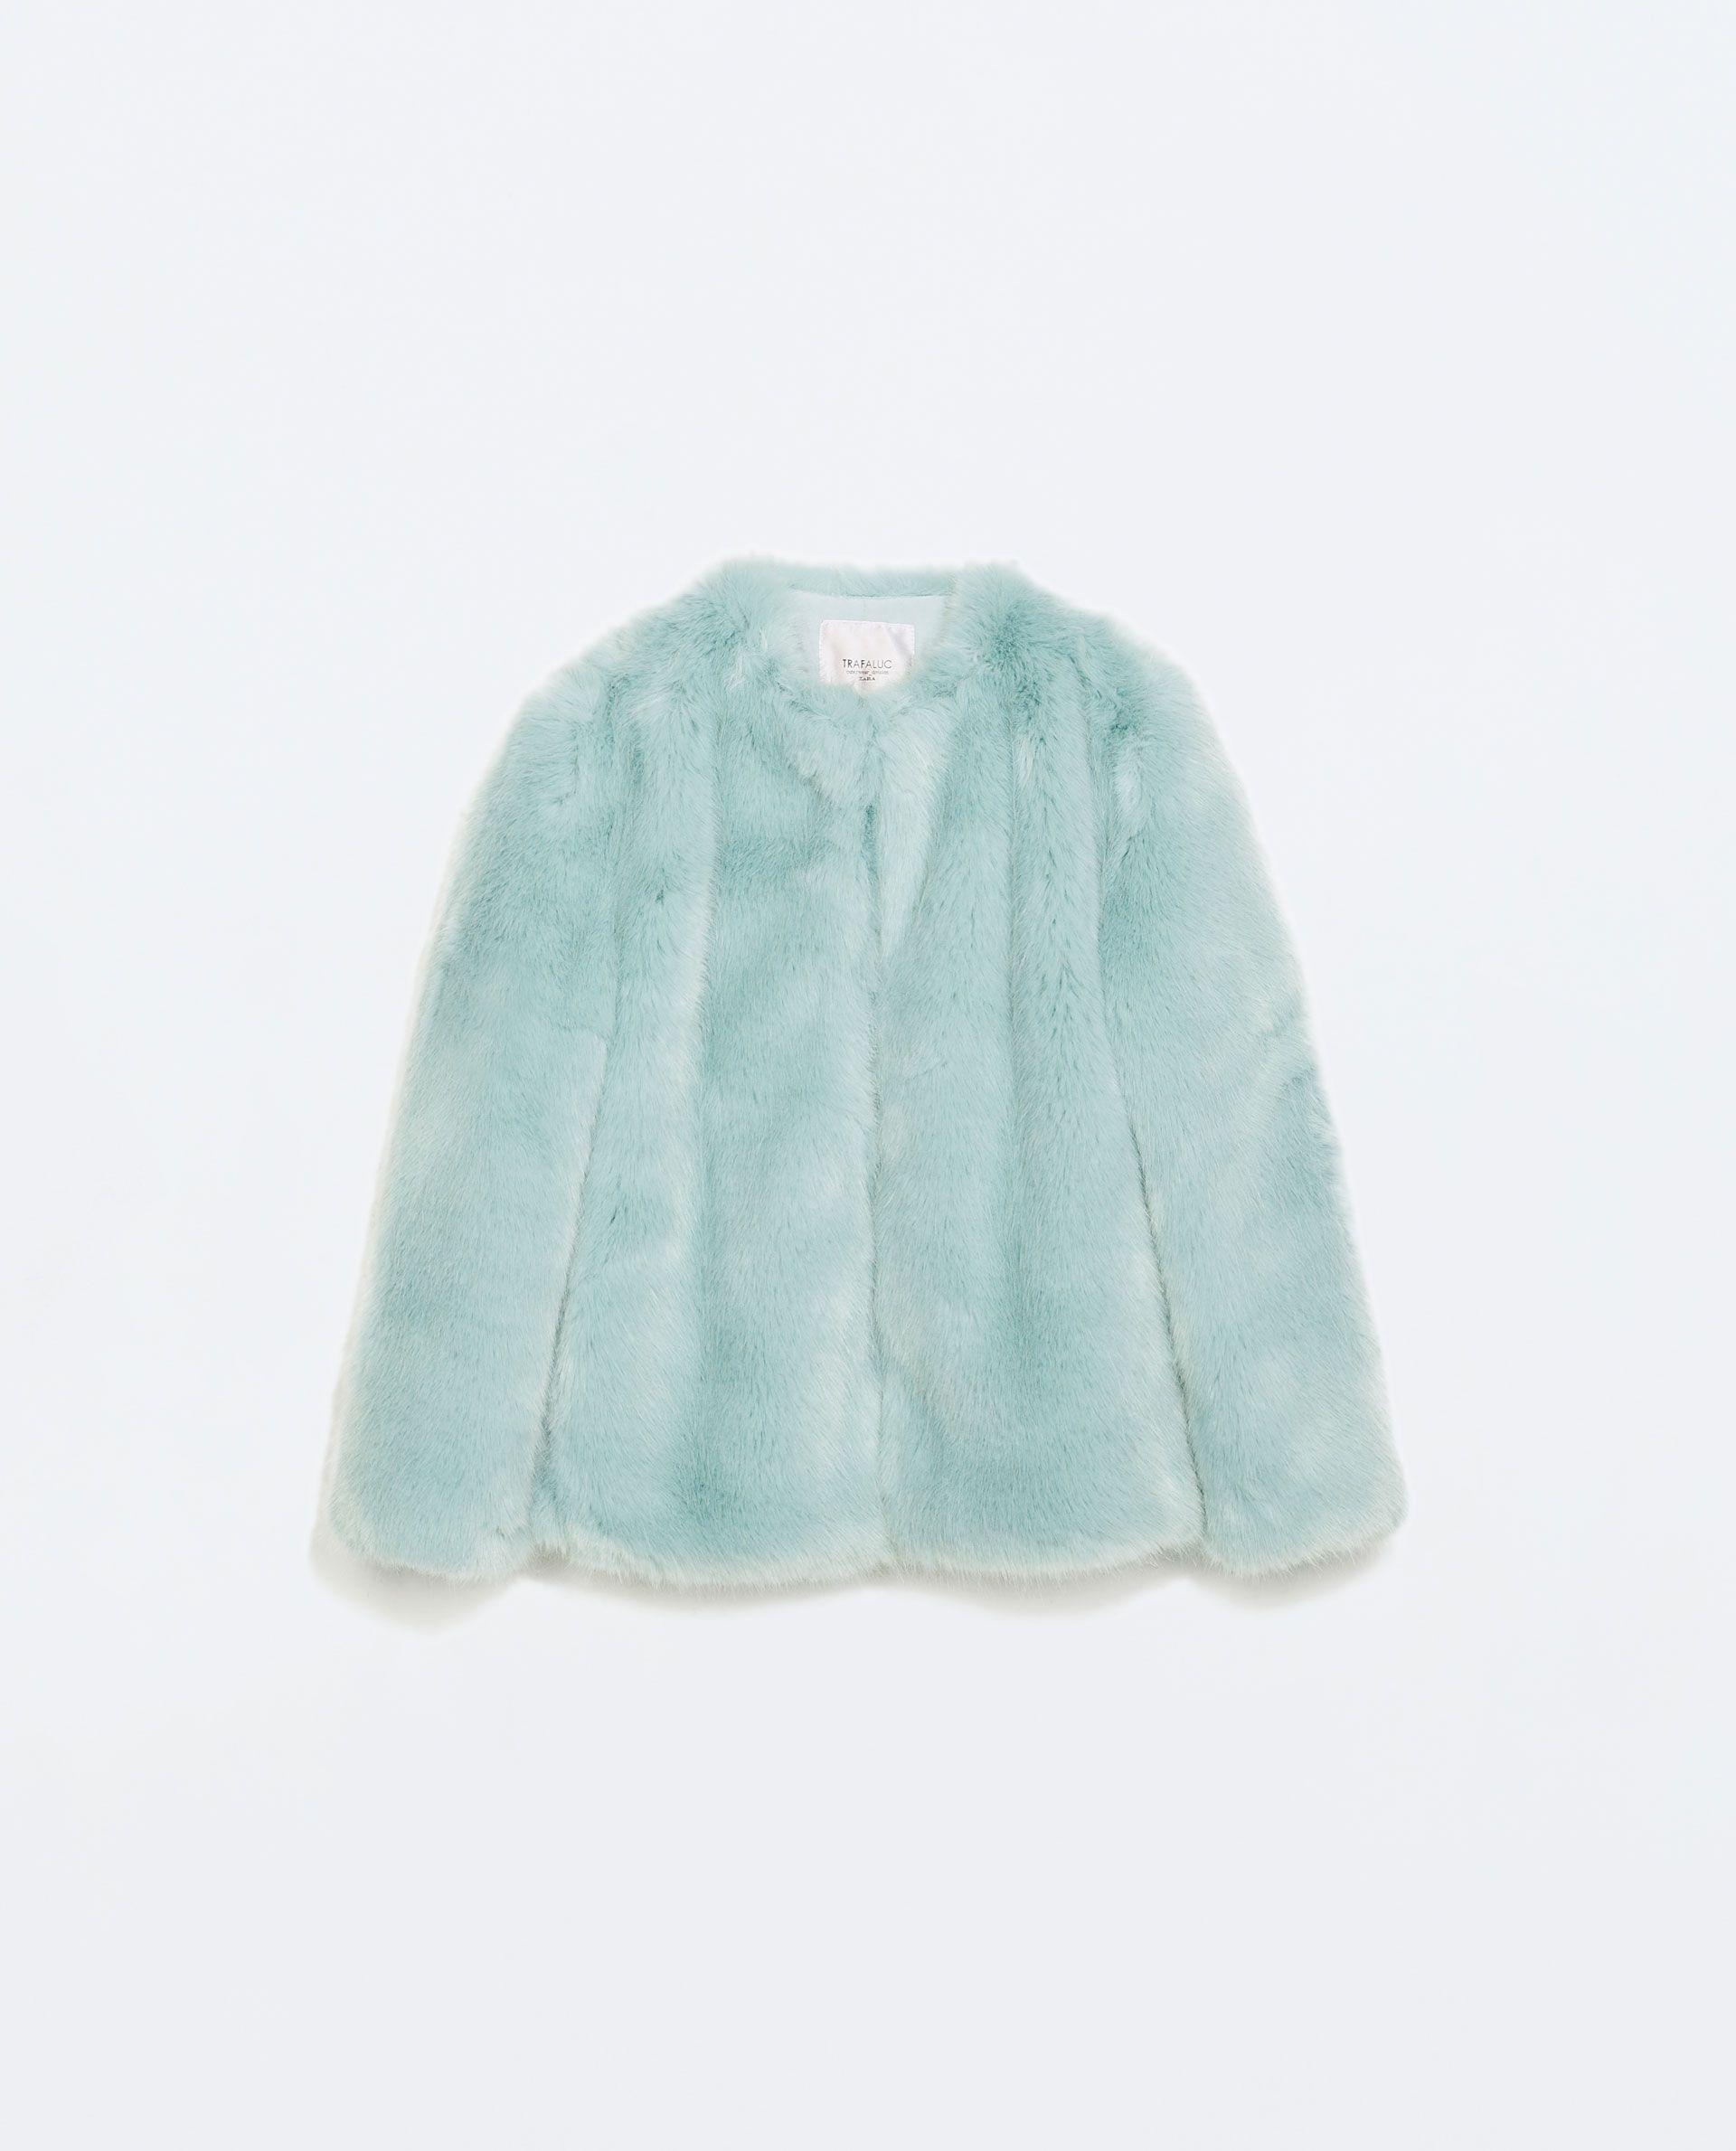 Baby Blue Faux Fur Coat Blue Faux Fur Coat Colorful Fur Coat Fur Coat Vintage